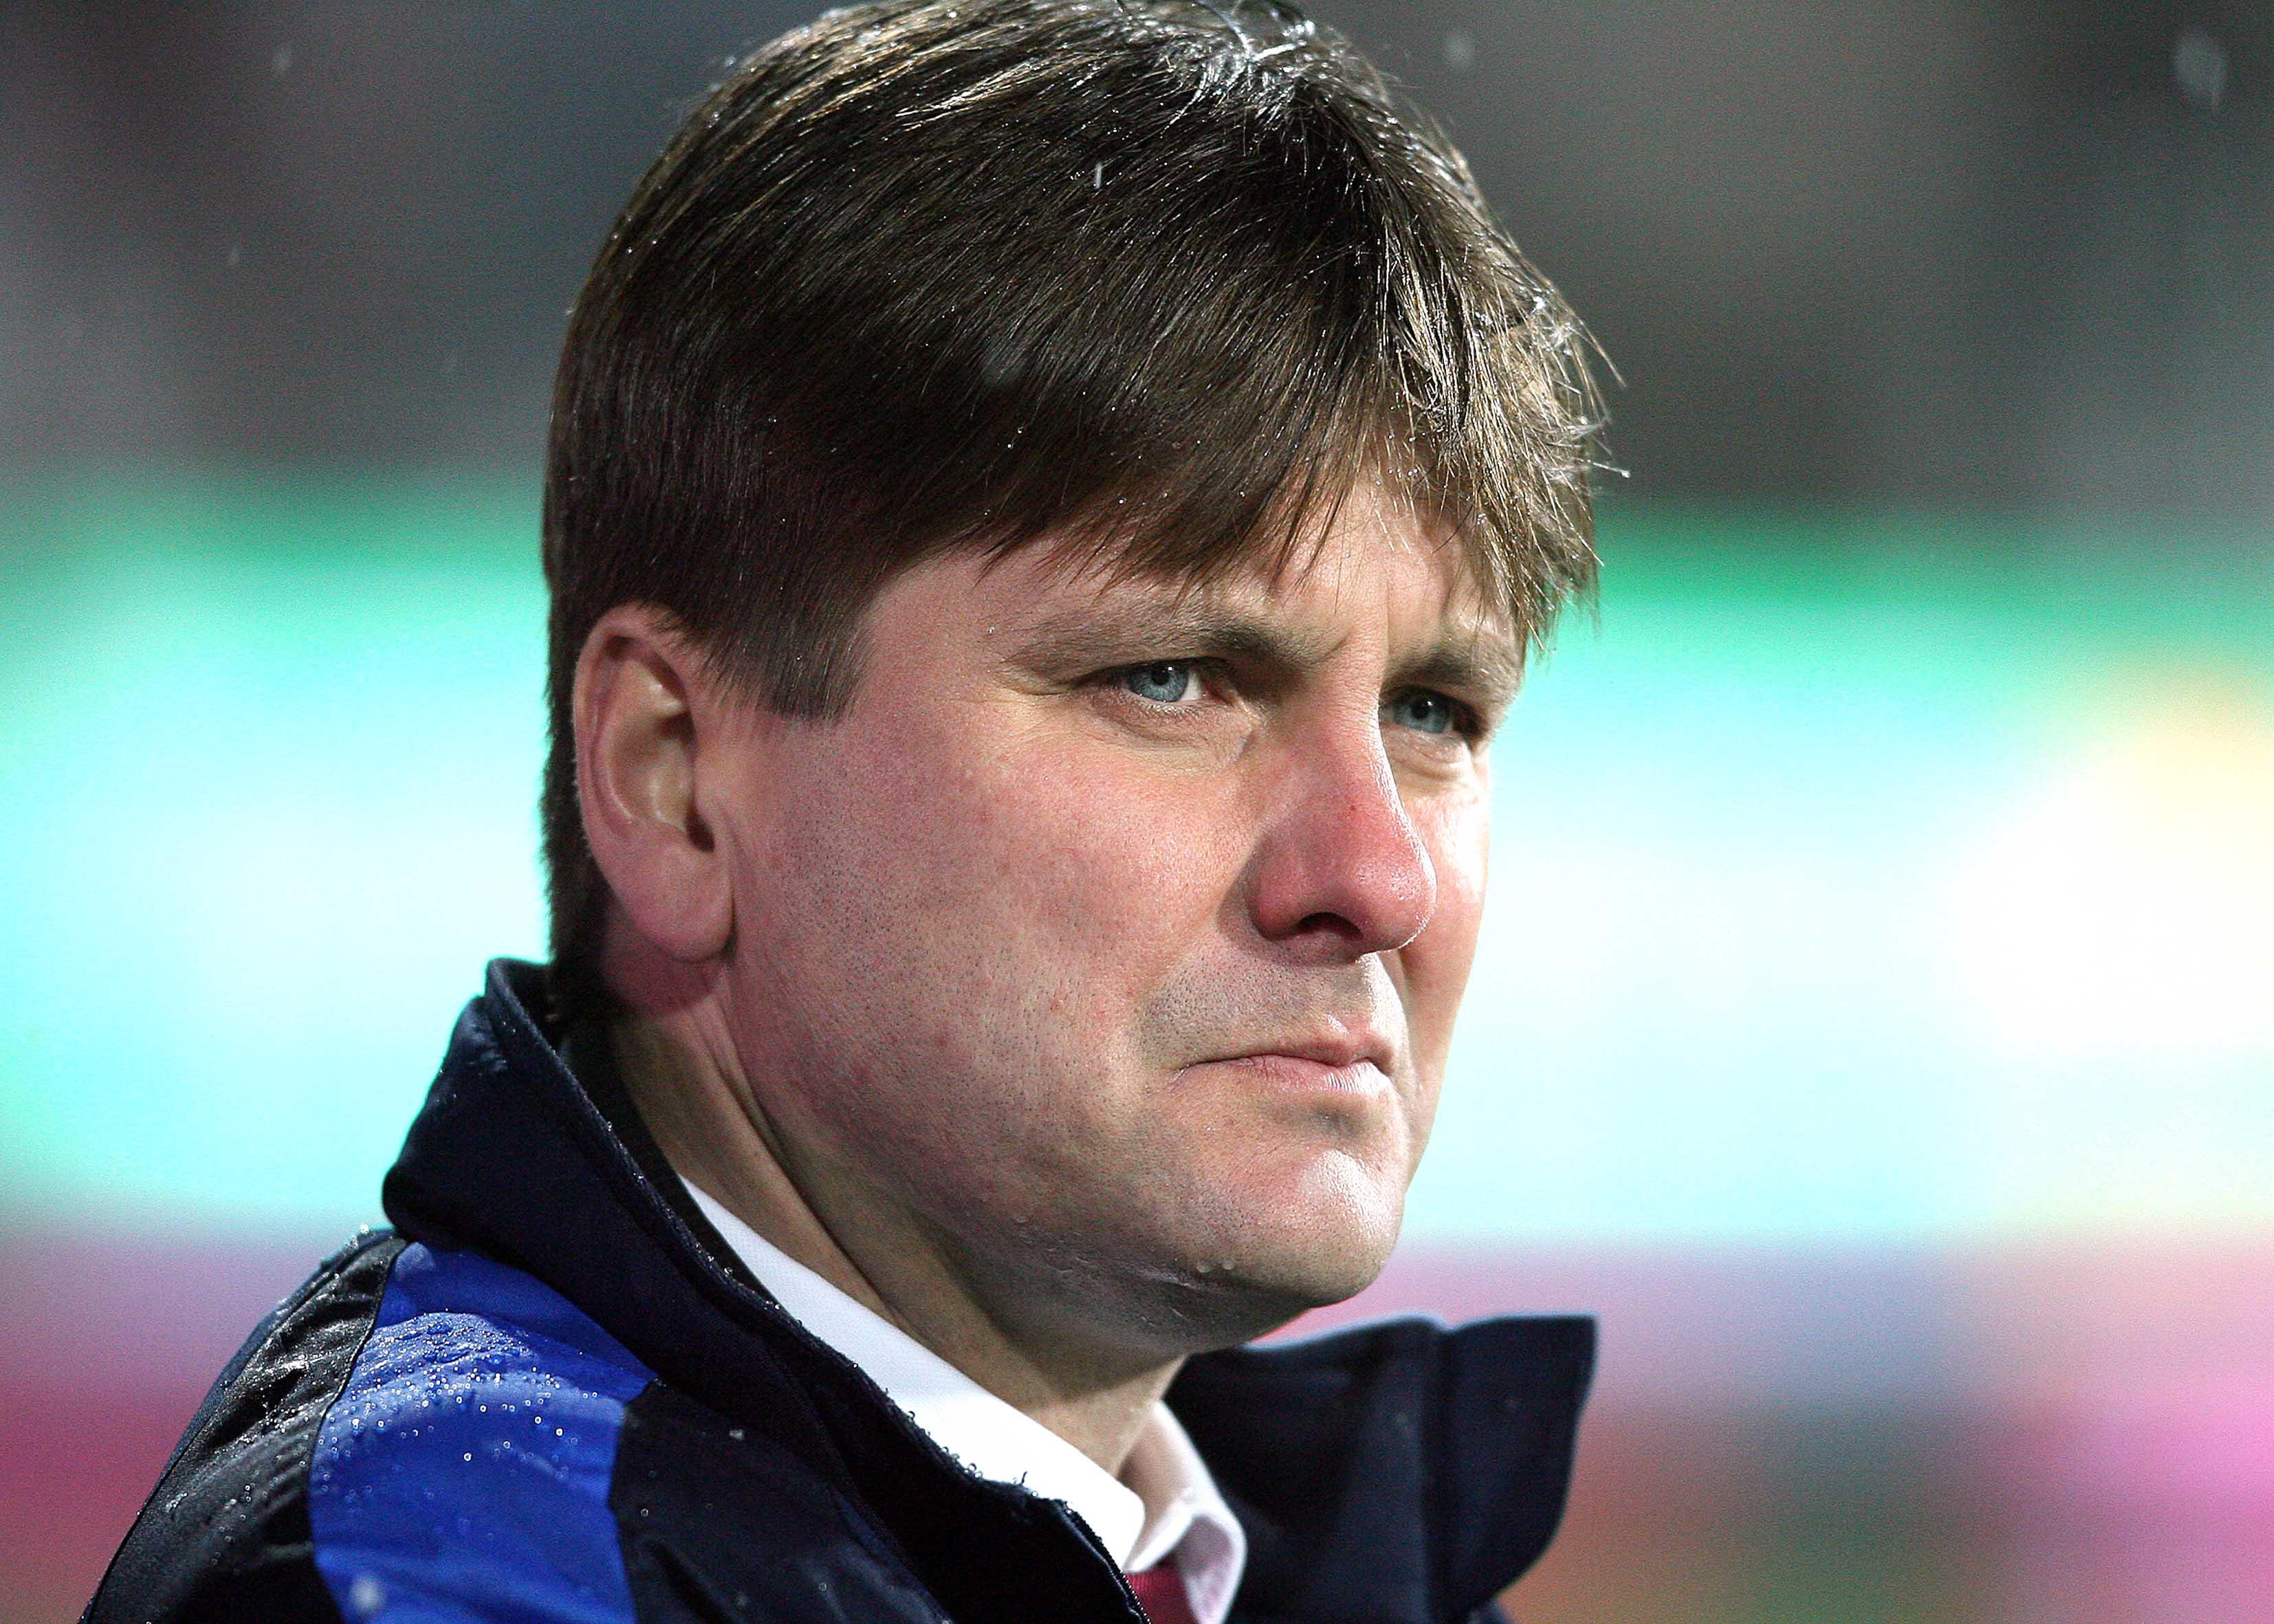 Dusan Uhrin Jr. îl distruge pe Gigi Becali în presa din Cehia Mereu a făcut el echipa și schimbările, nu doar acum! Cu cine ține în CFR - Slavia Praga